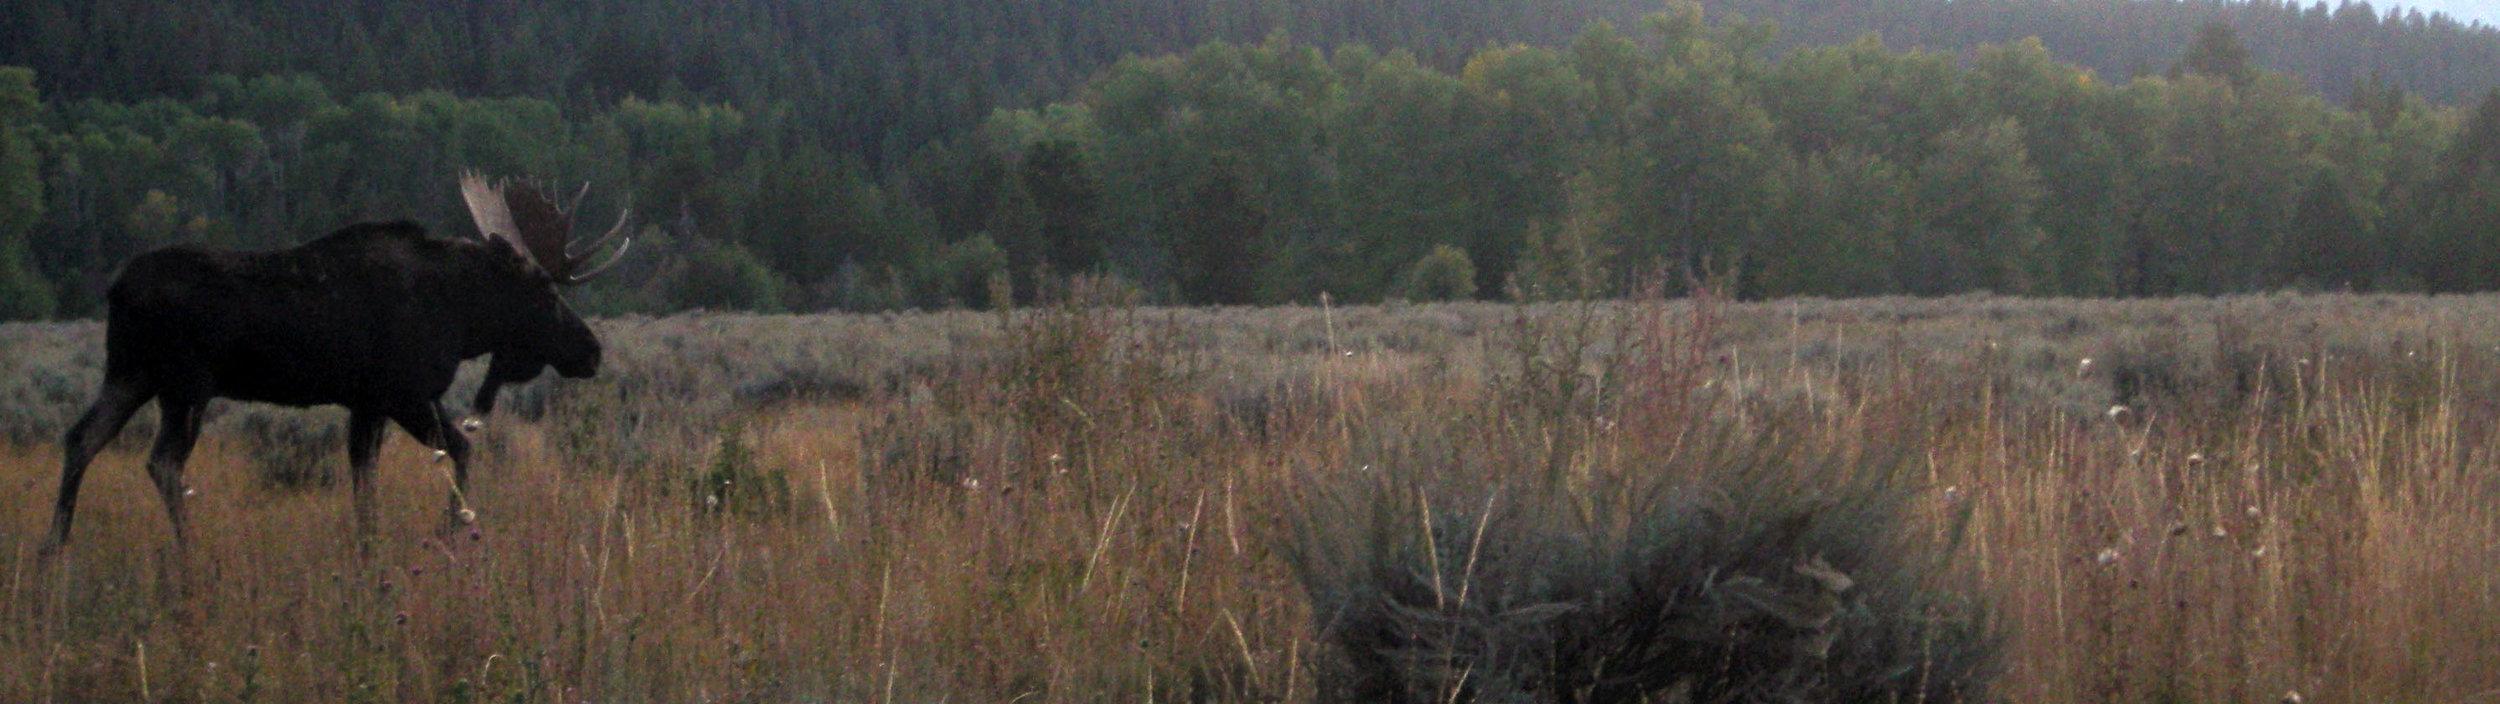 good moose shot.jpg